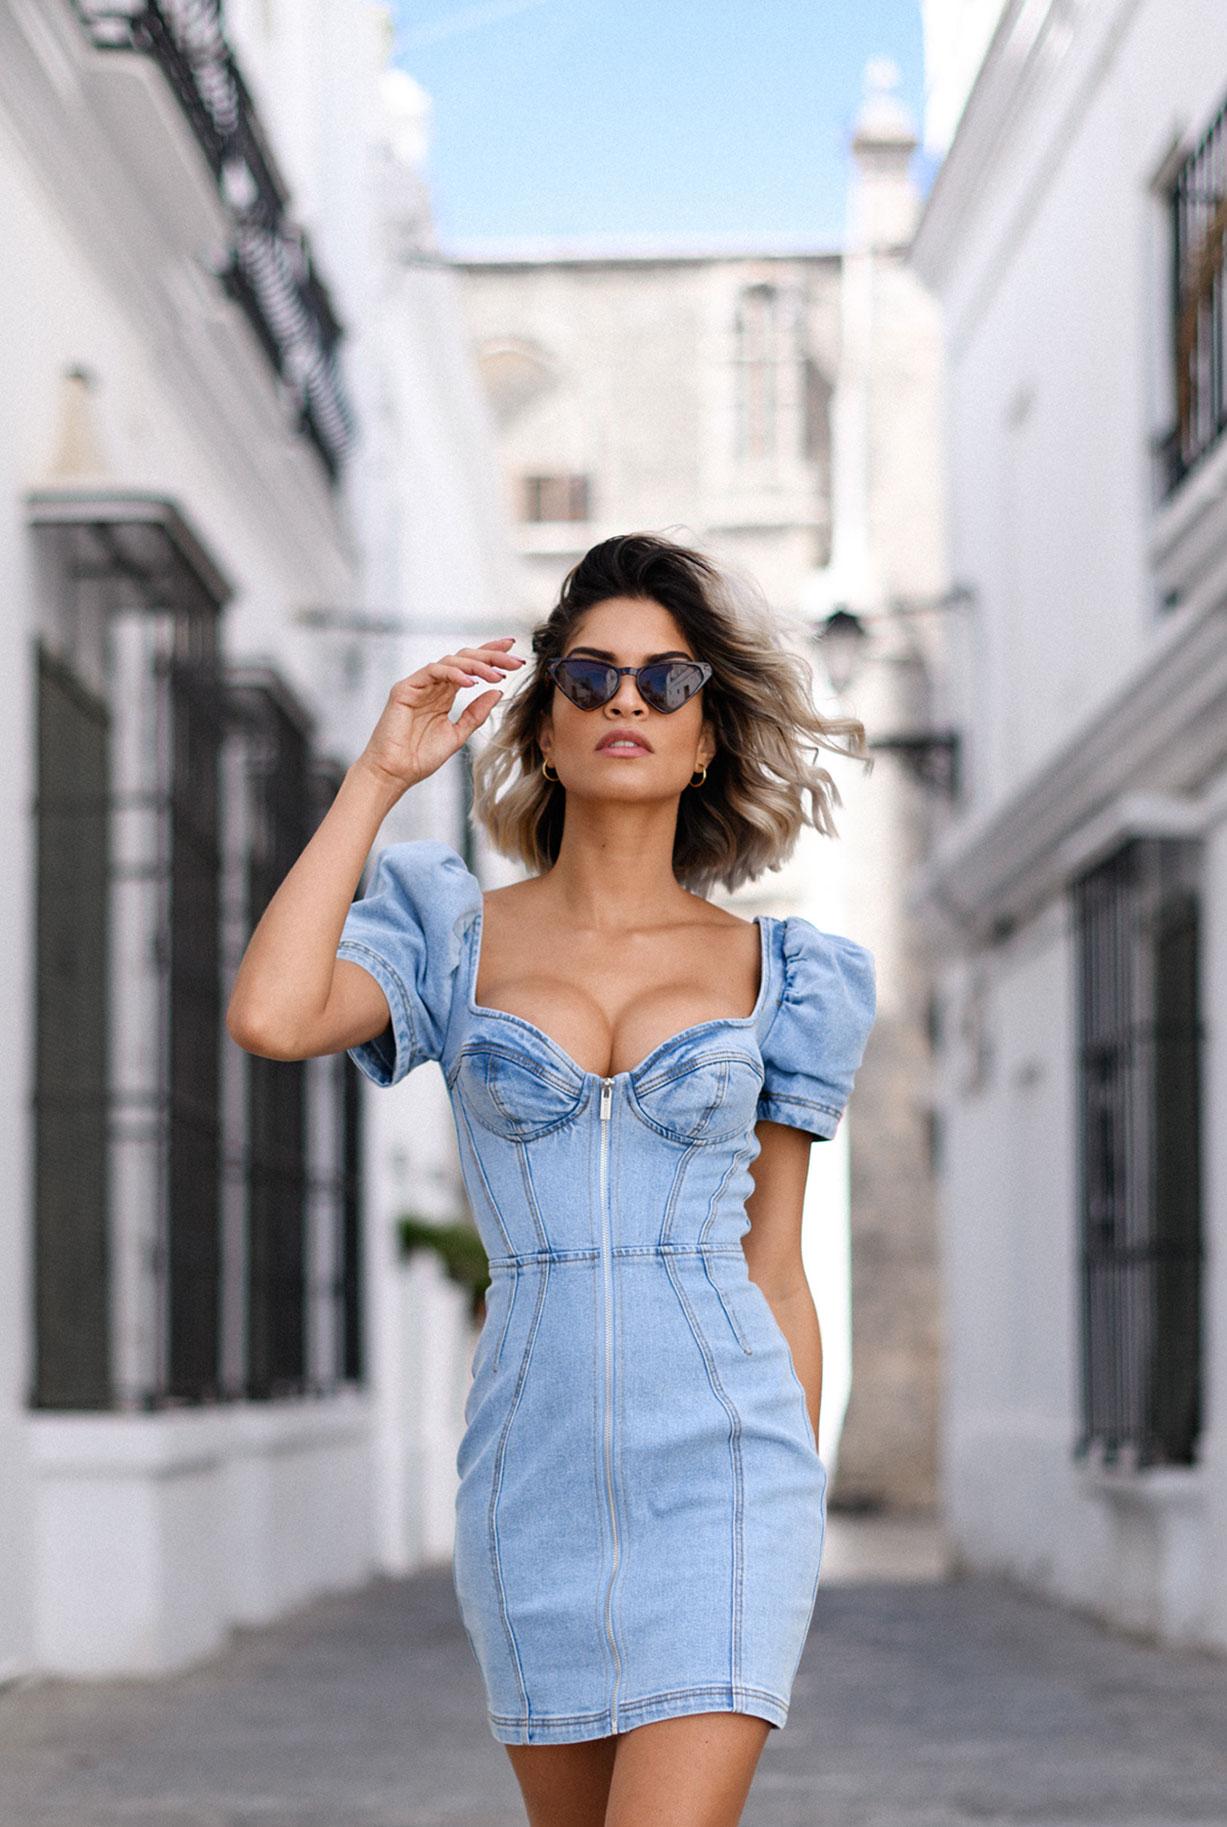 Алессандра Сирони гуляет по старому испанскому городу / фото 07